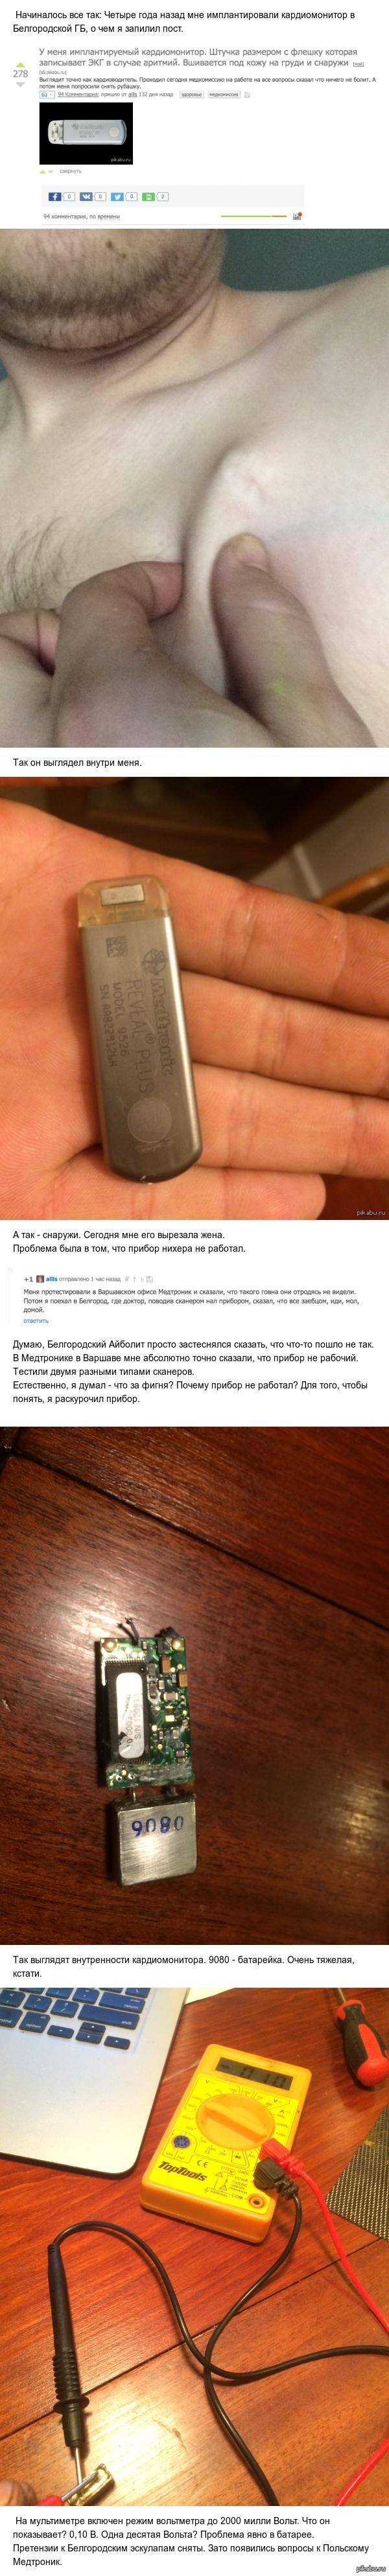 Пост реабилитации российской медицины. Кардиомонитор.